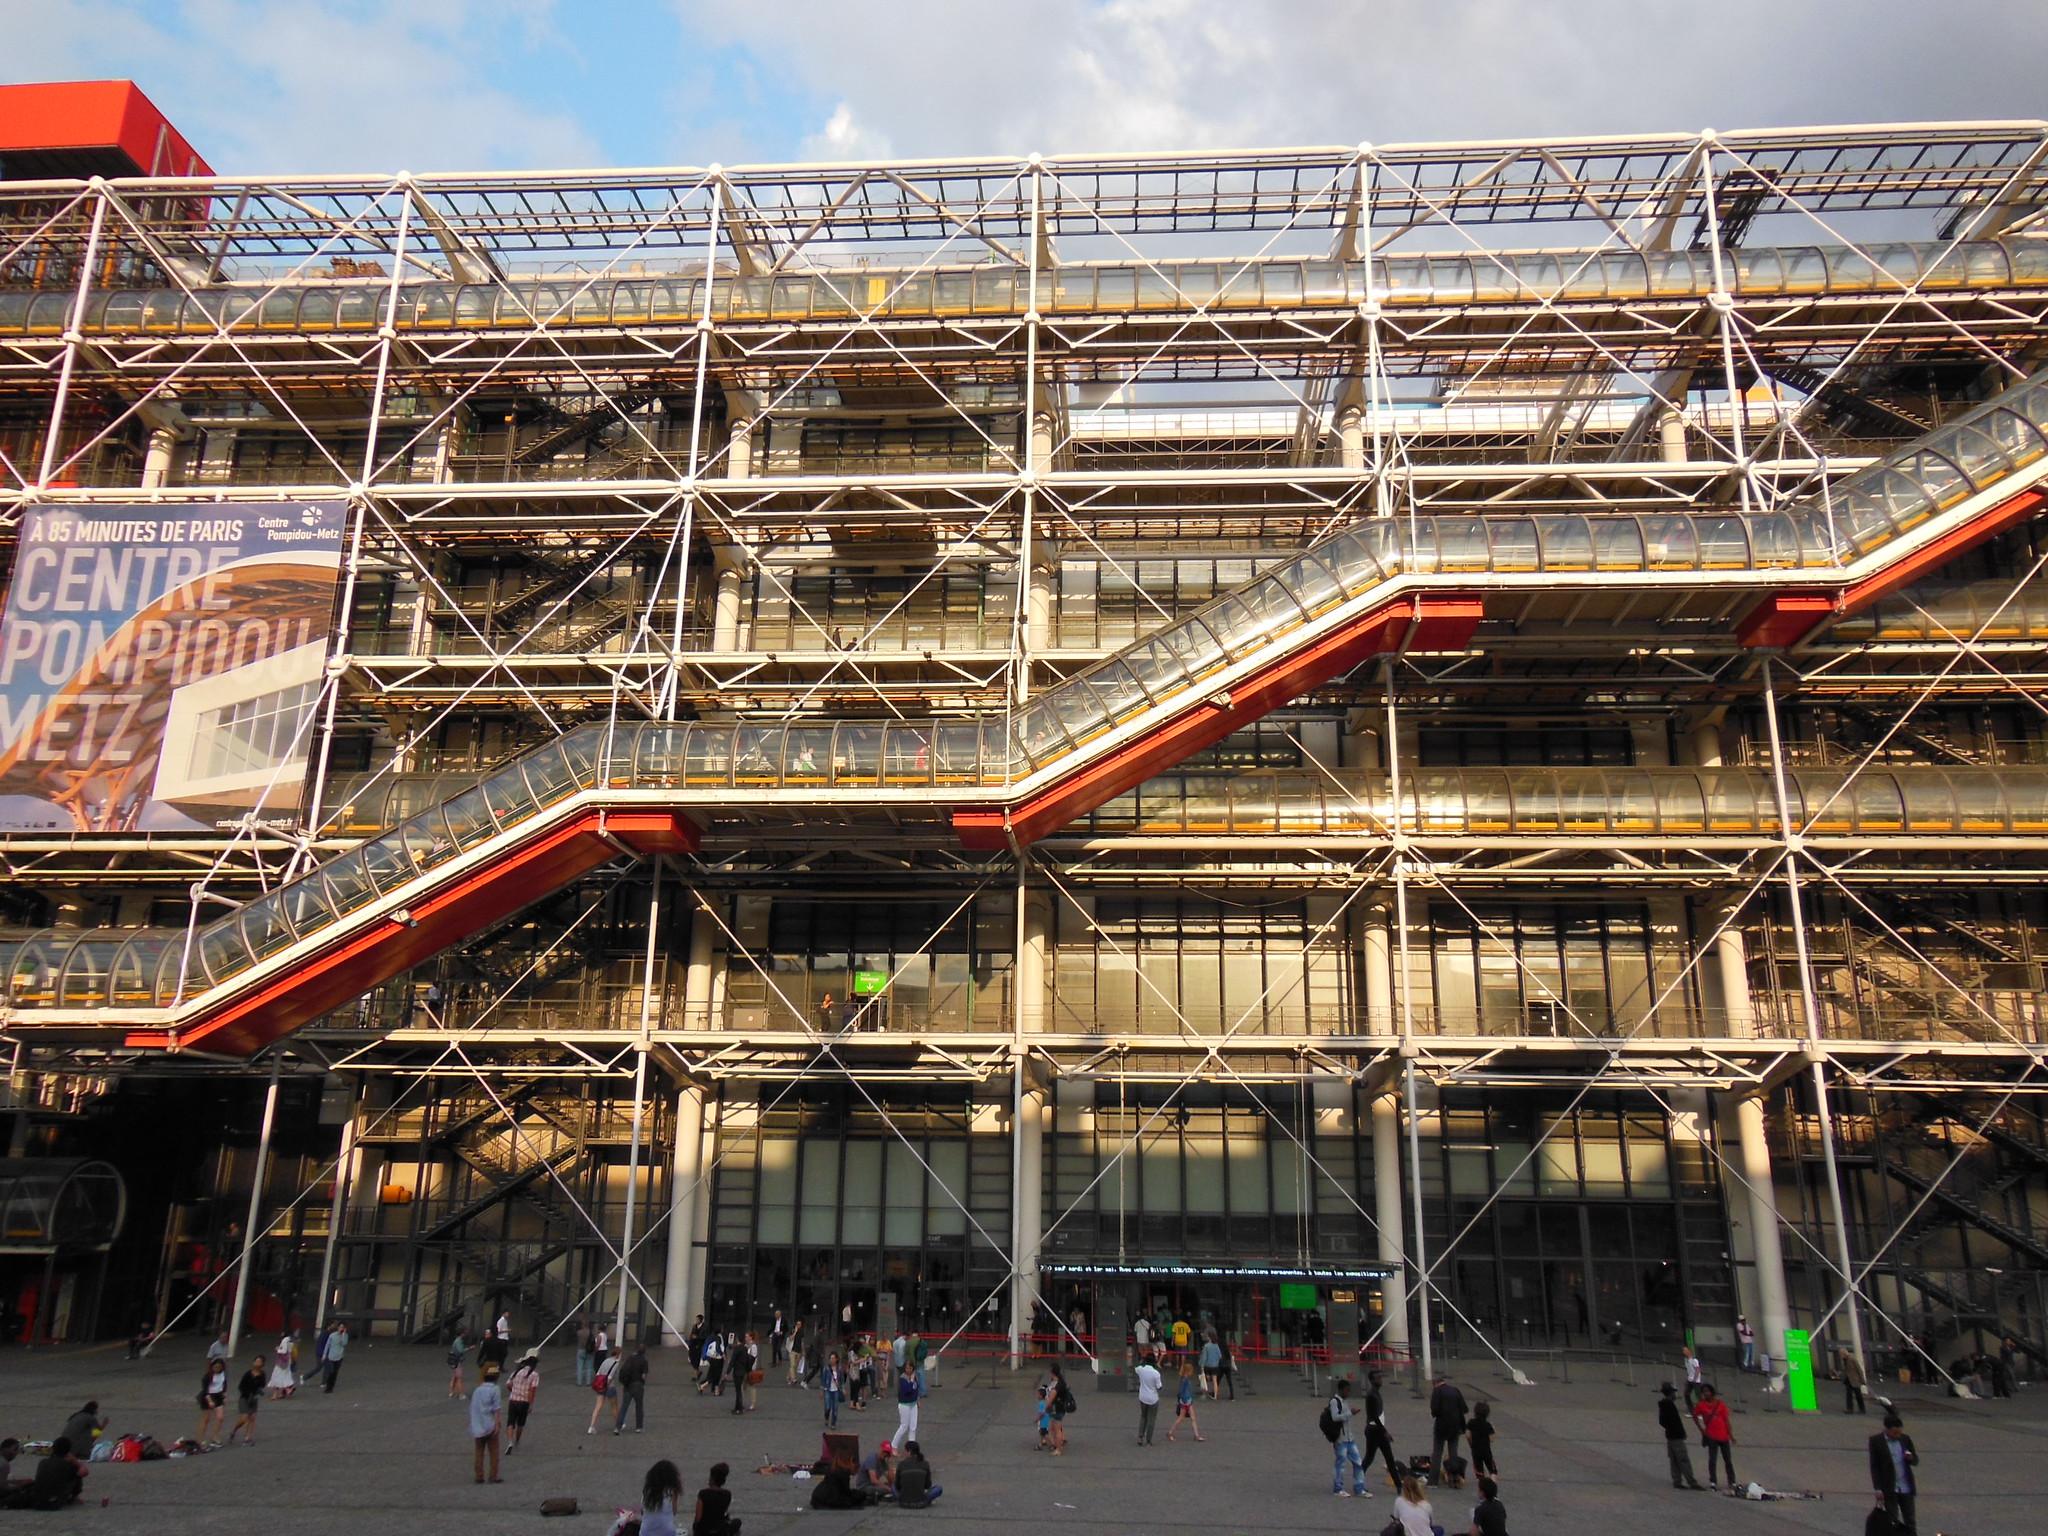 Museo Pompidou.Senor Del Biombo Analisis Y Comentario De Museo Pompidou Renzo